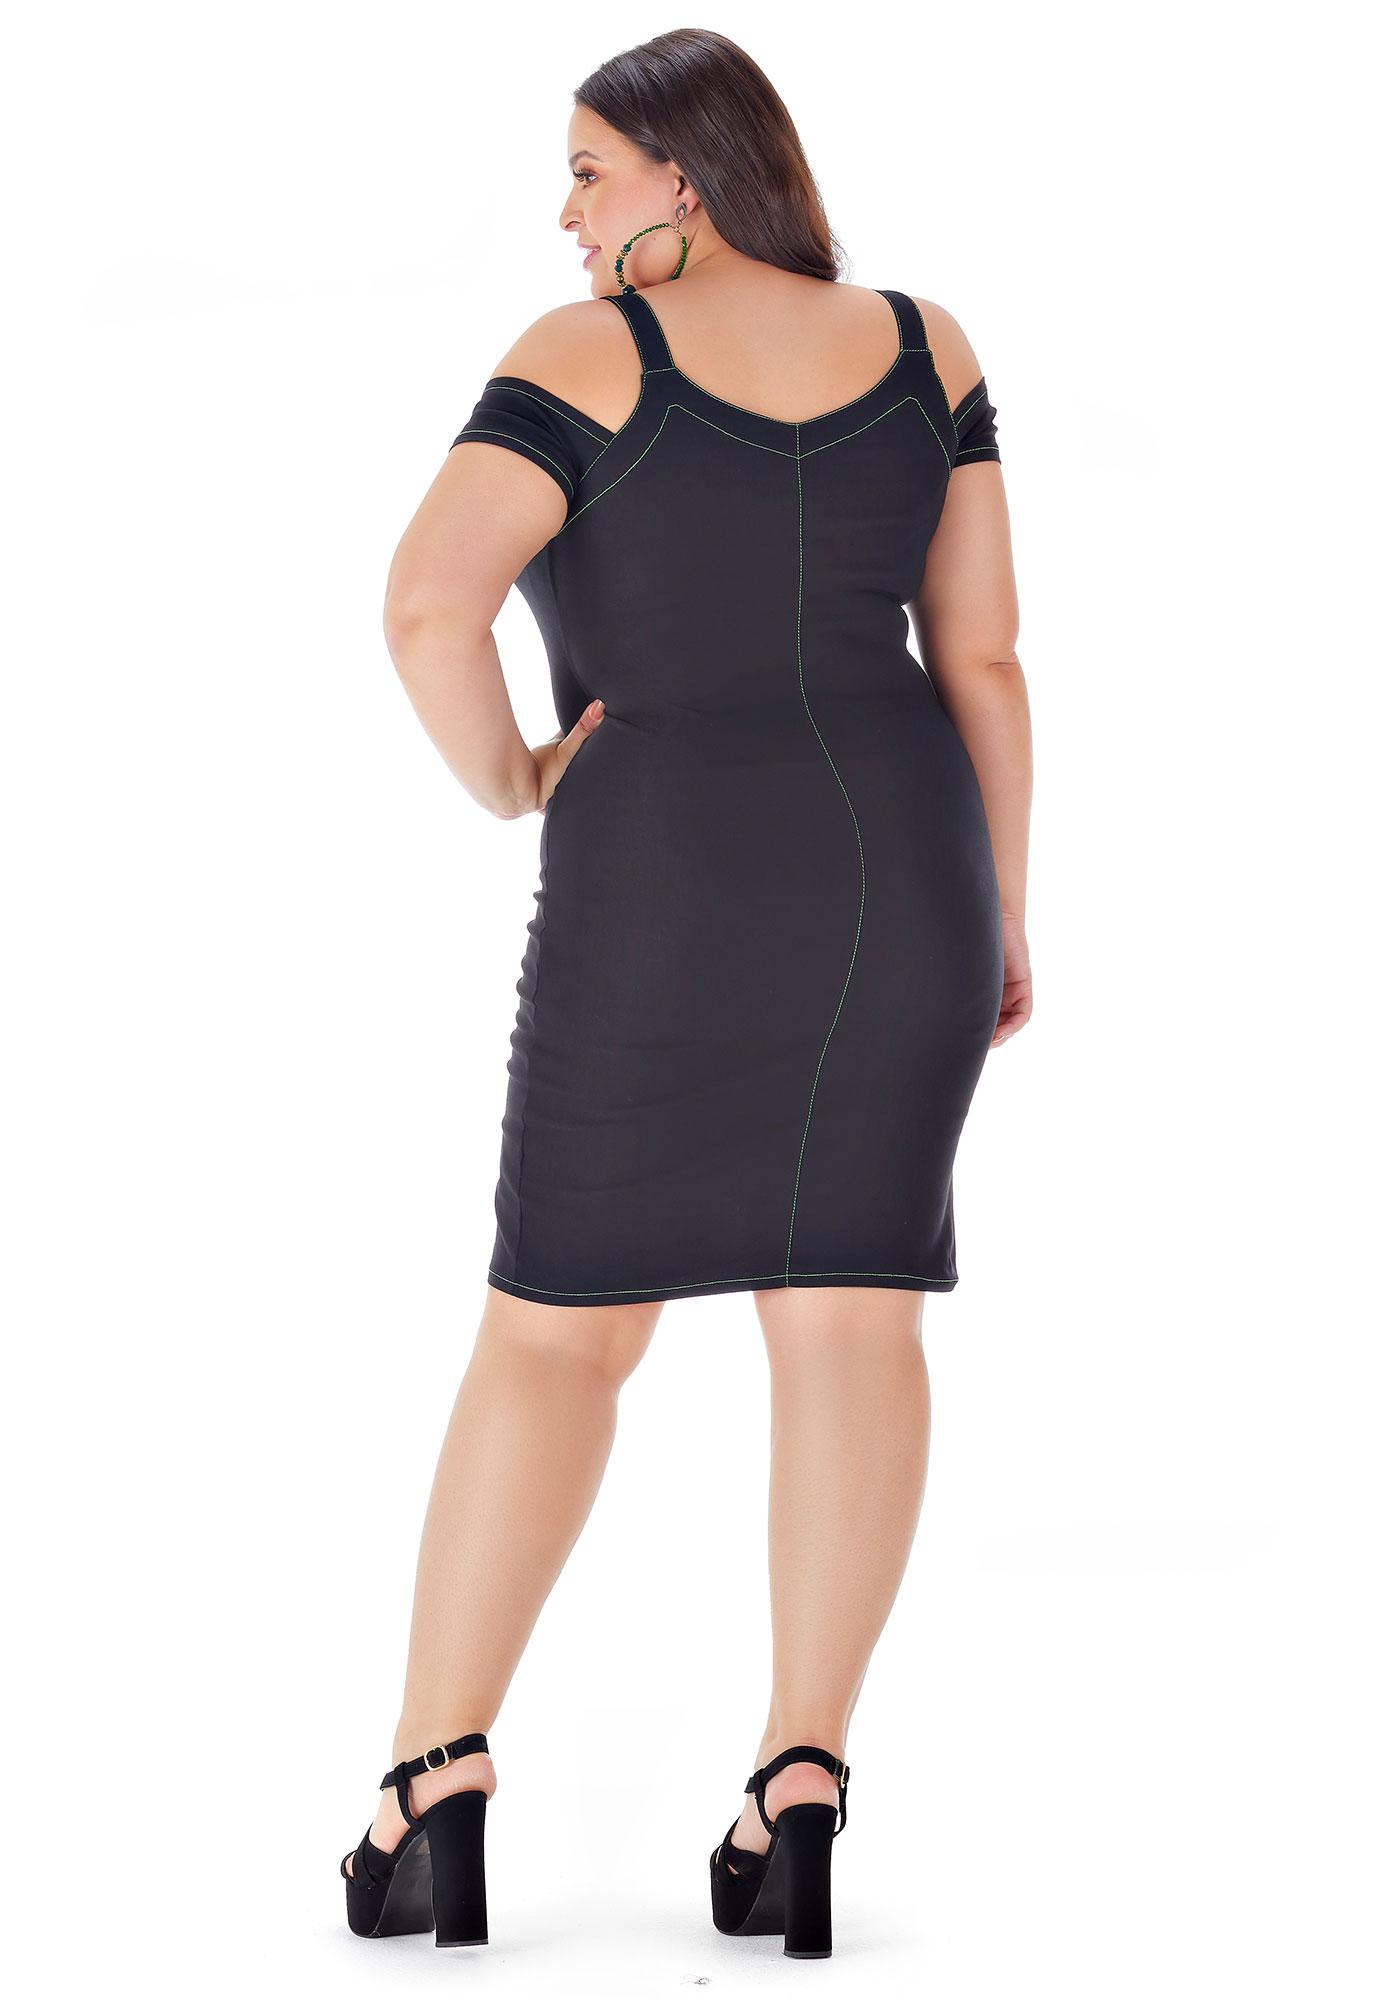 Vestido Lepoque Plus Size Bengaline Linha Contrastante (Preto)